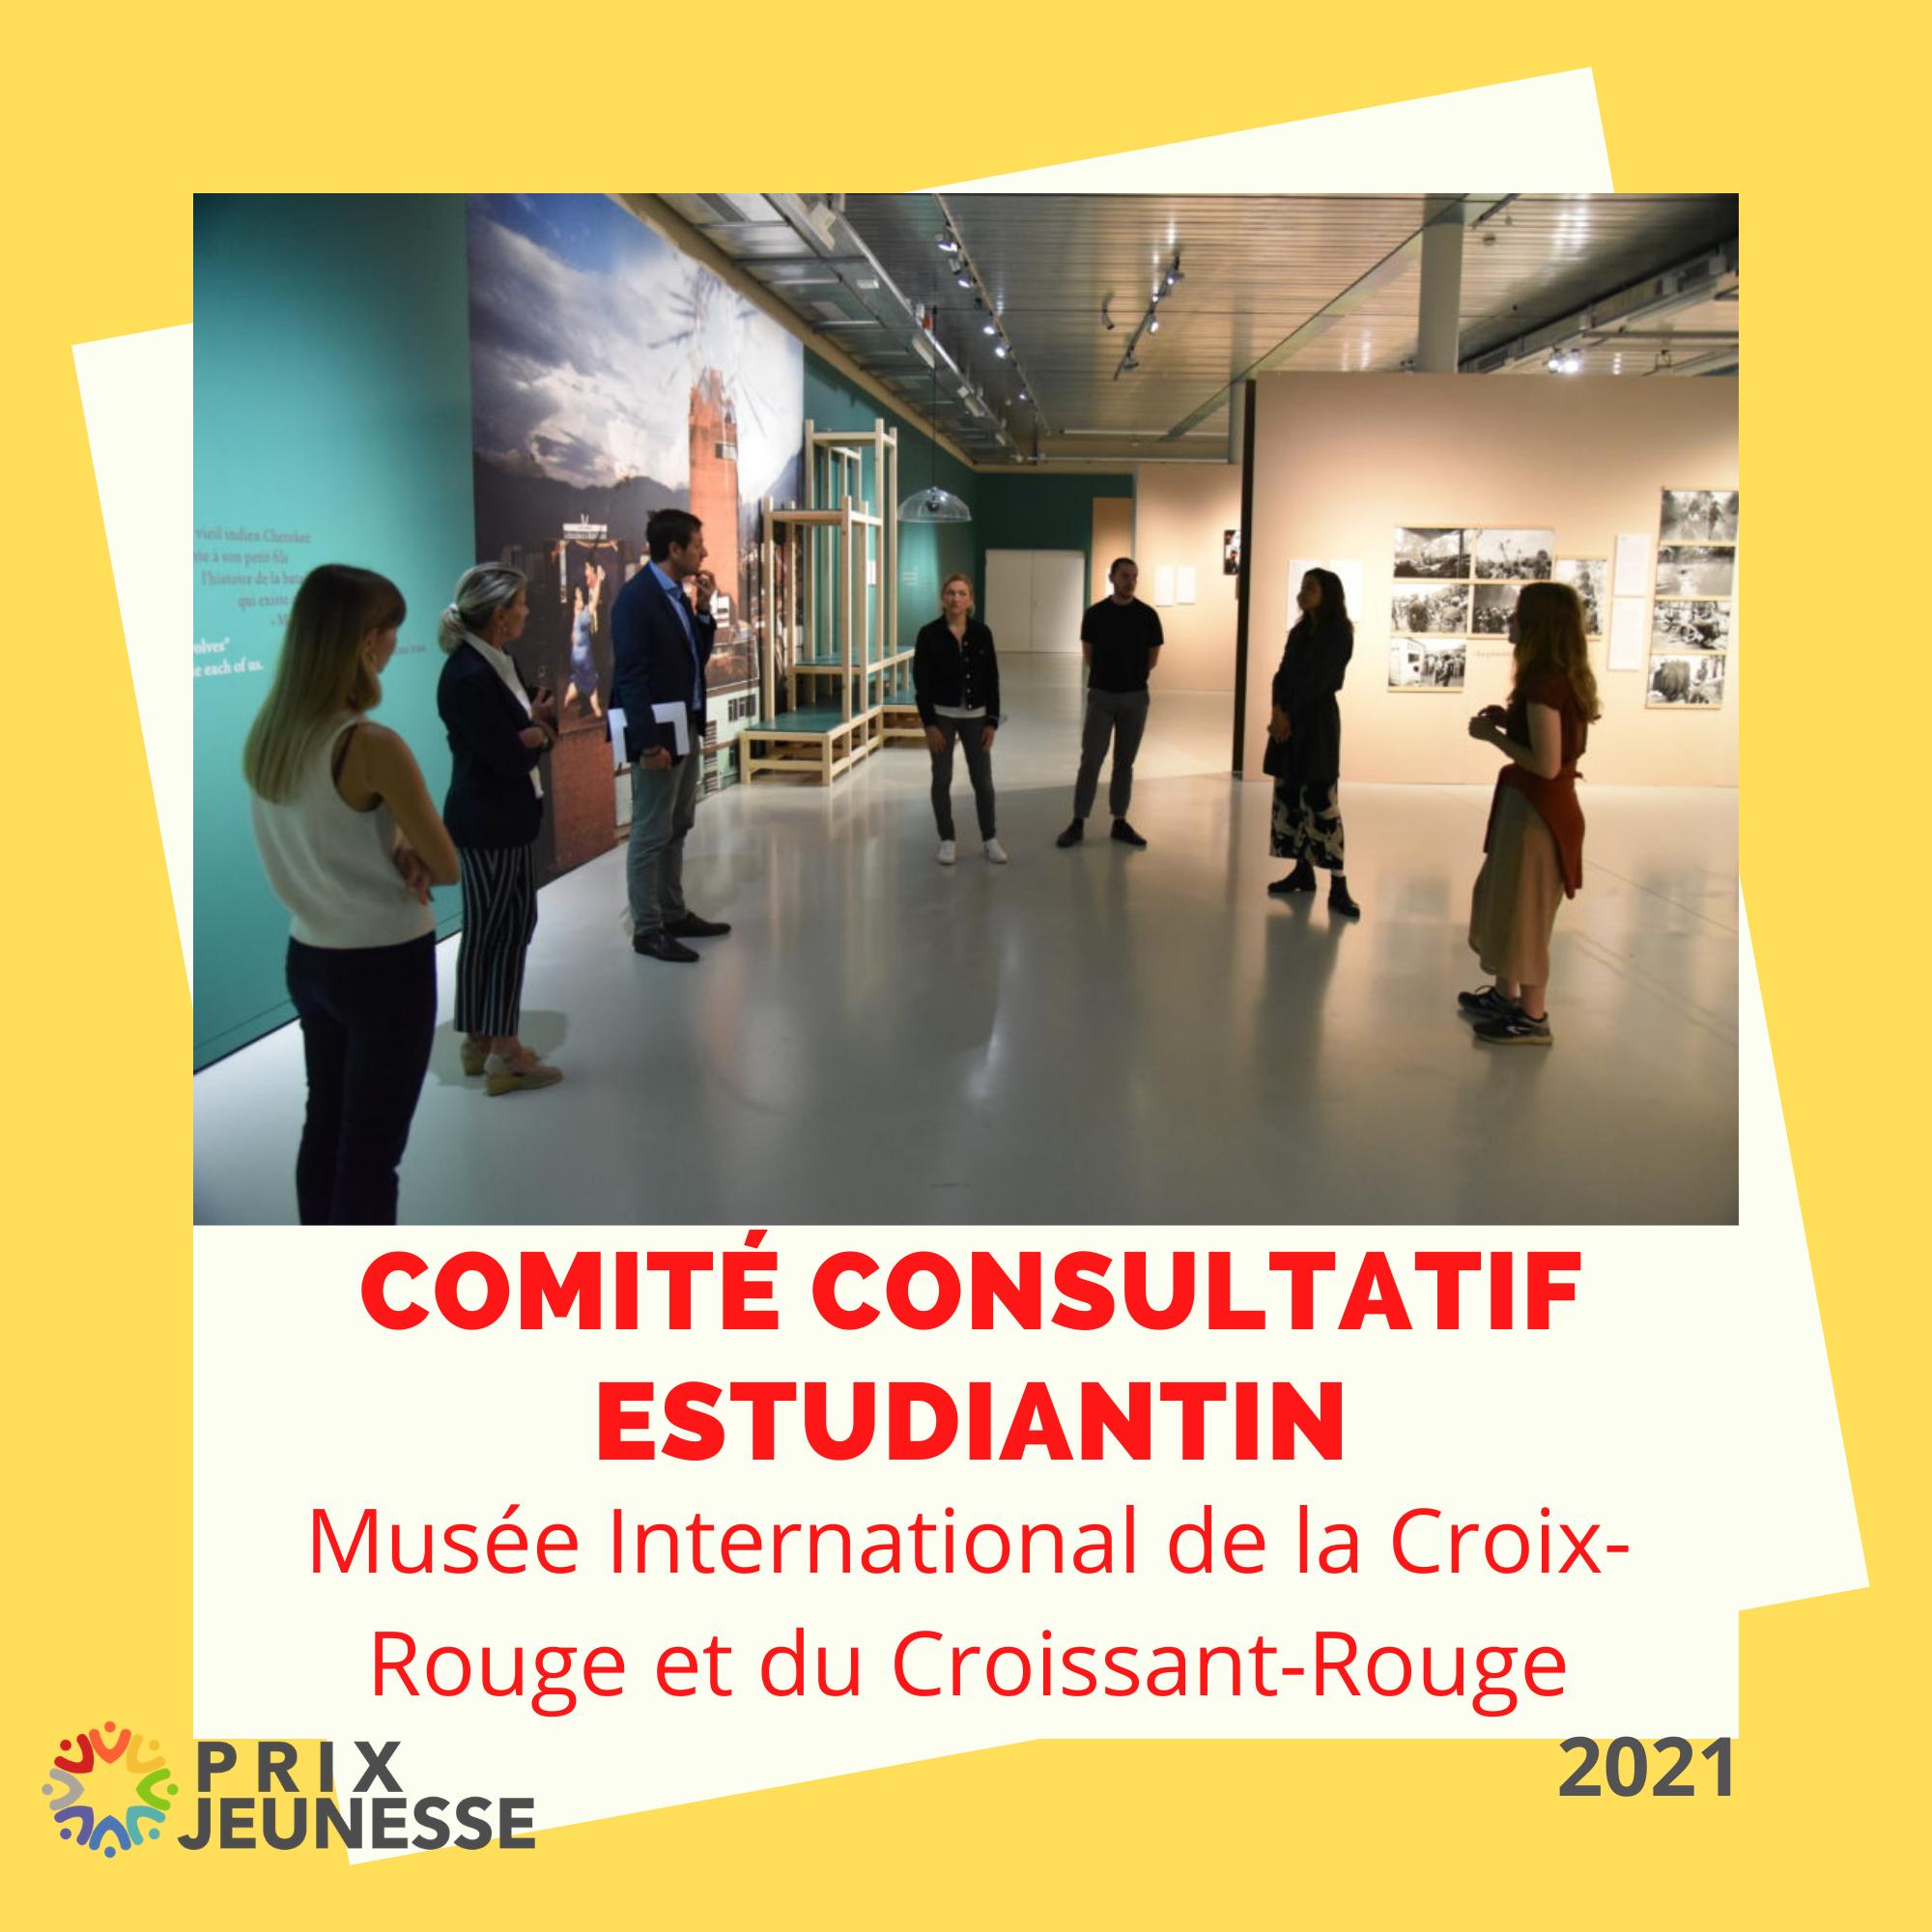 Candidat  Comité consultatif estudiantin du Musée International de la Croix-Rouge et du Croissant-Rouge